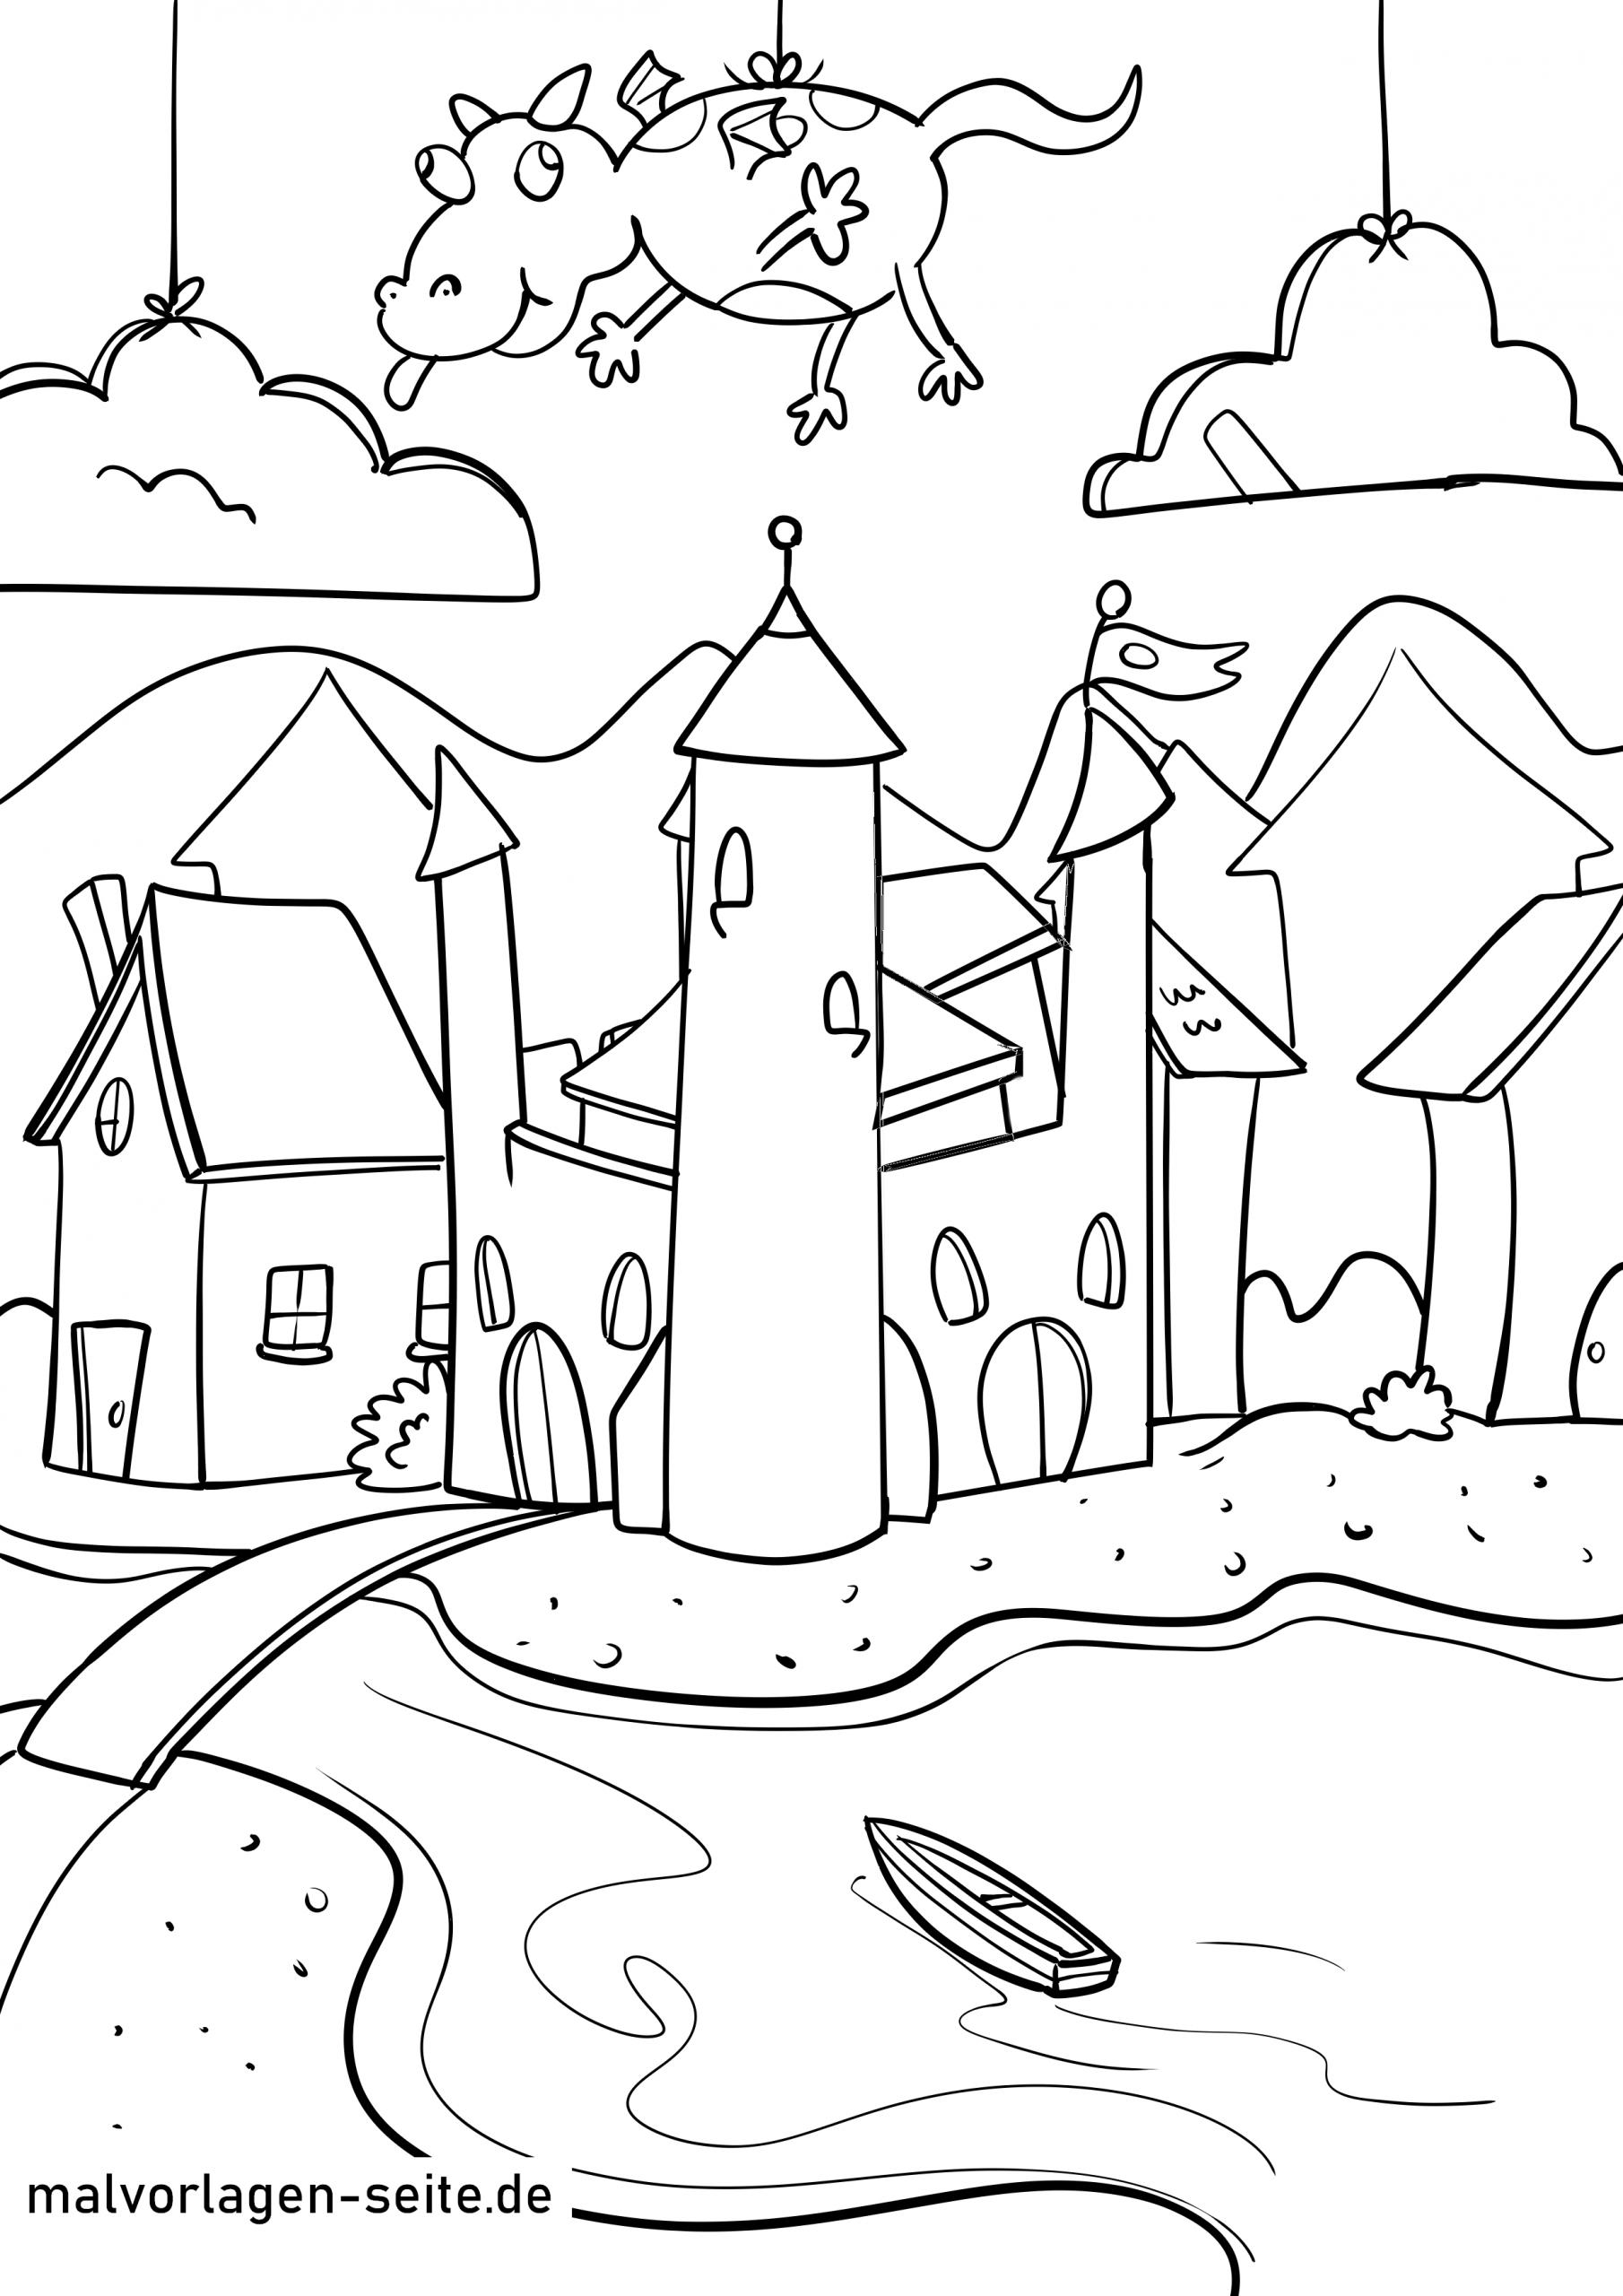 Malvorlage Burg - Ausmalbilder Kostenlos Herunterladen innen Ausmalbild Burg